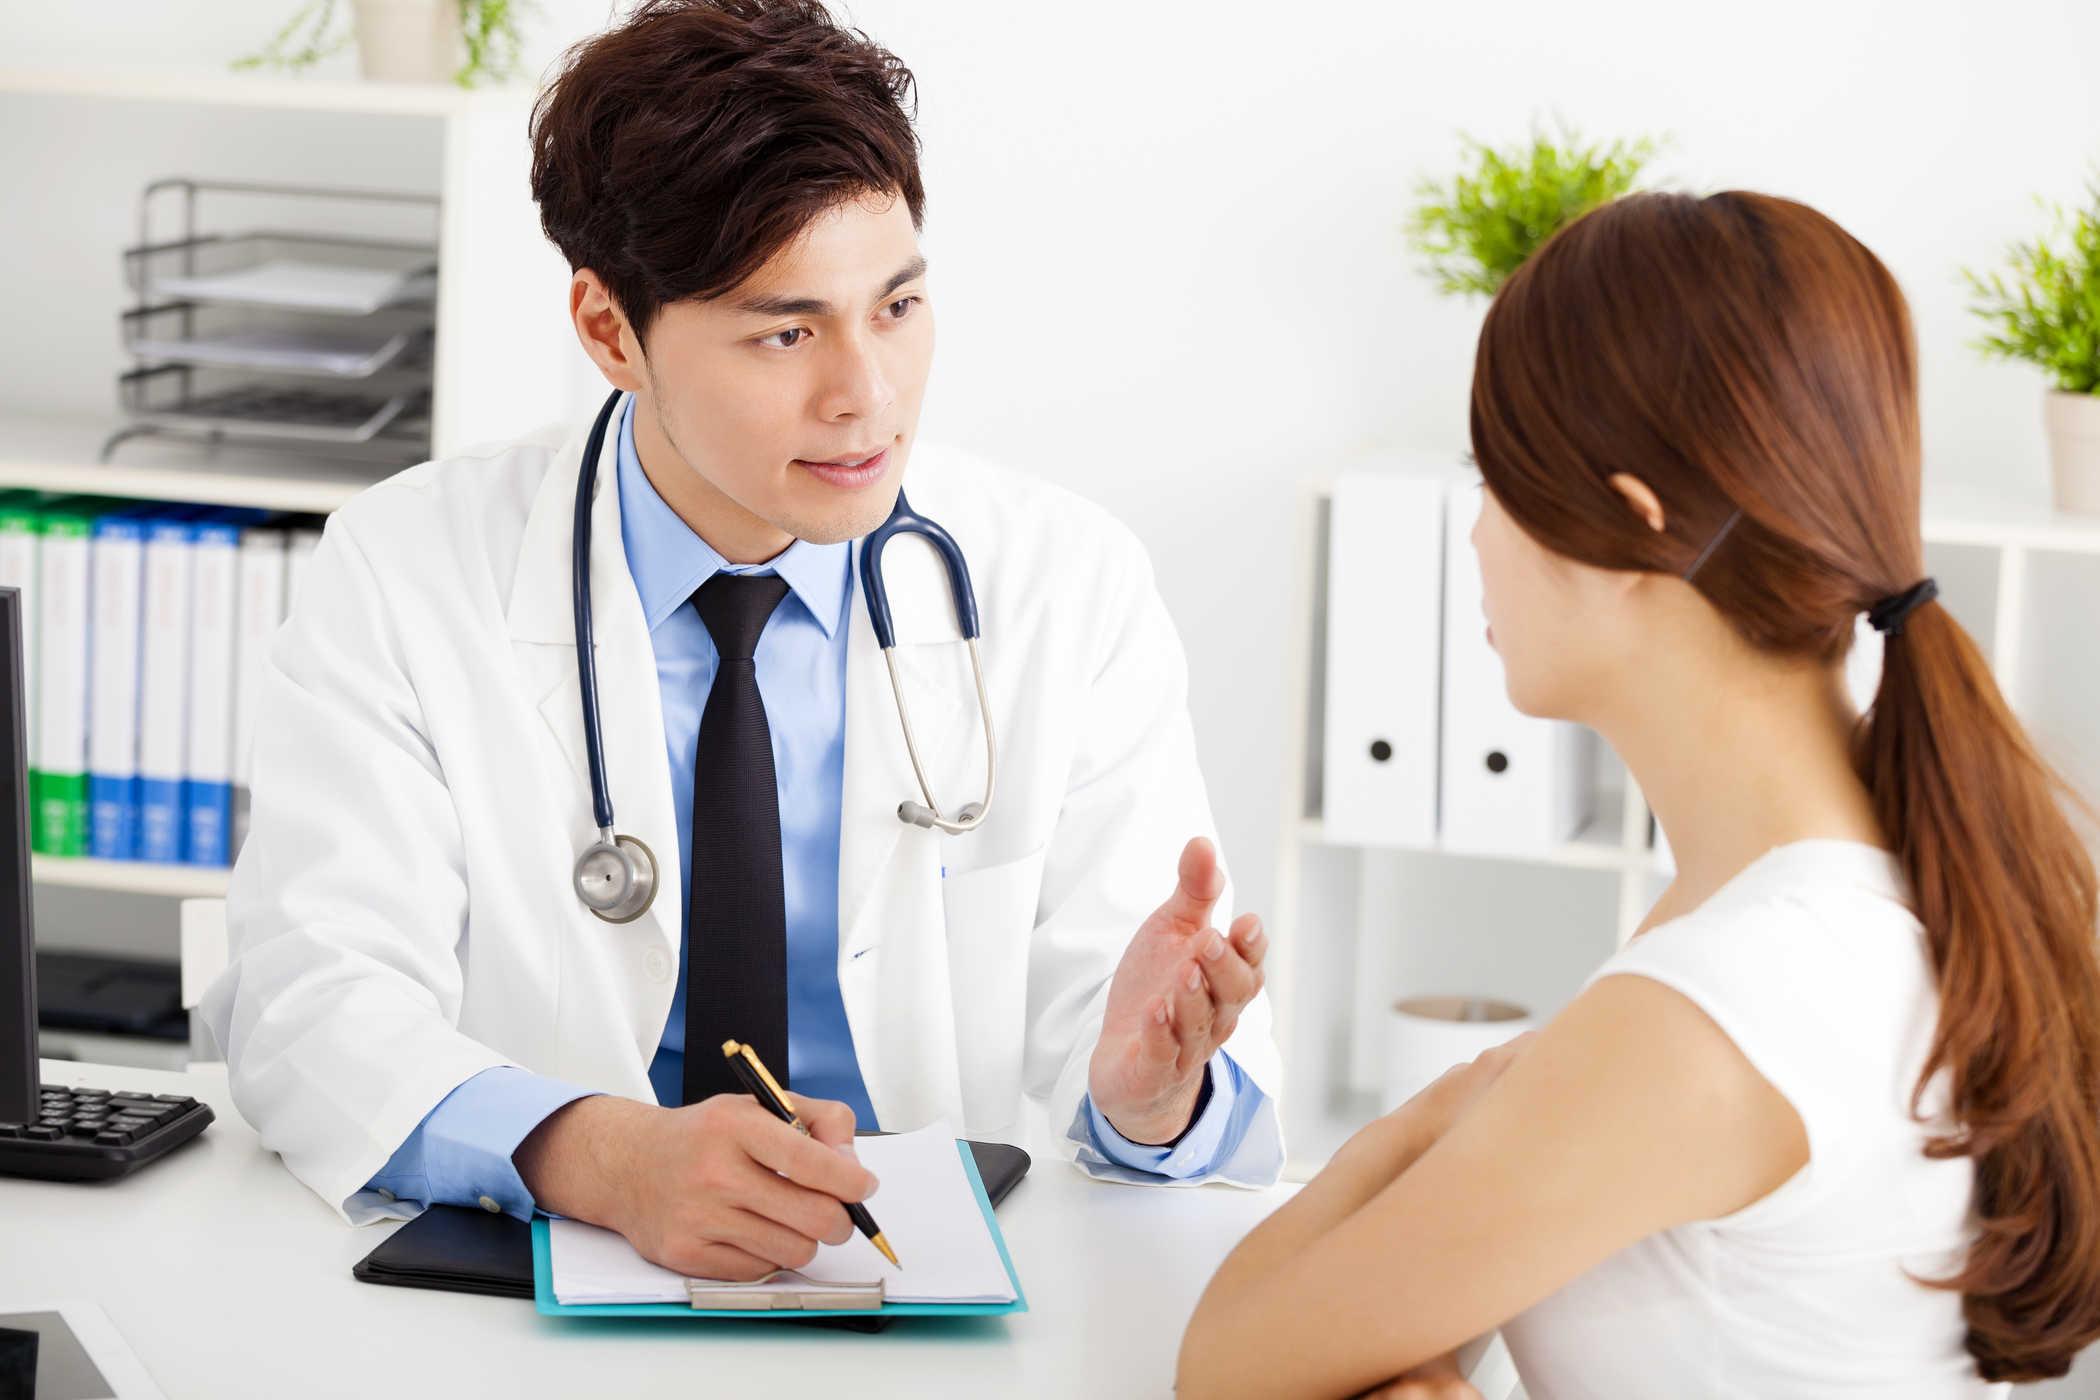 Phương pháp điều trị u xơ tử cung tân tiến nhất